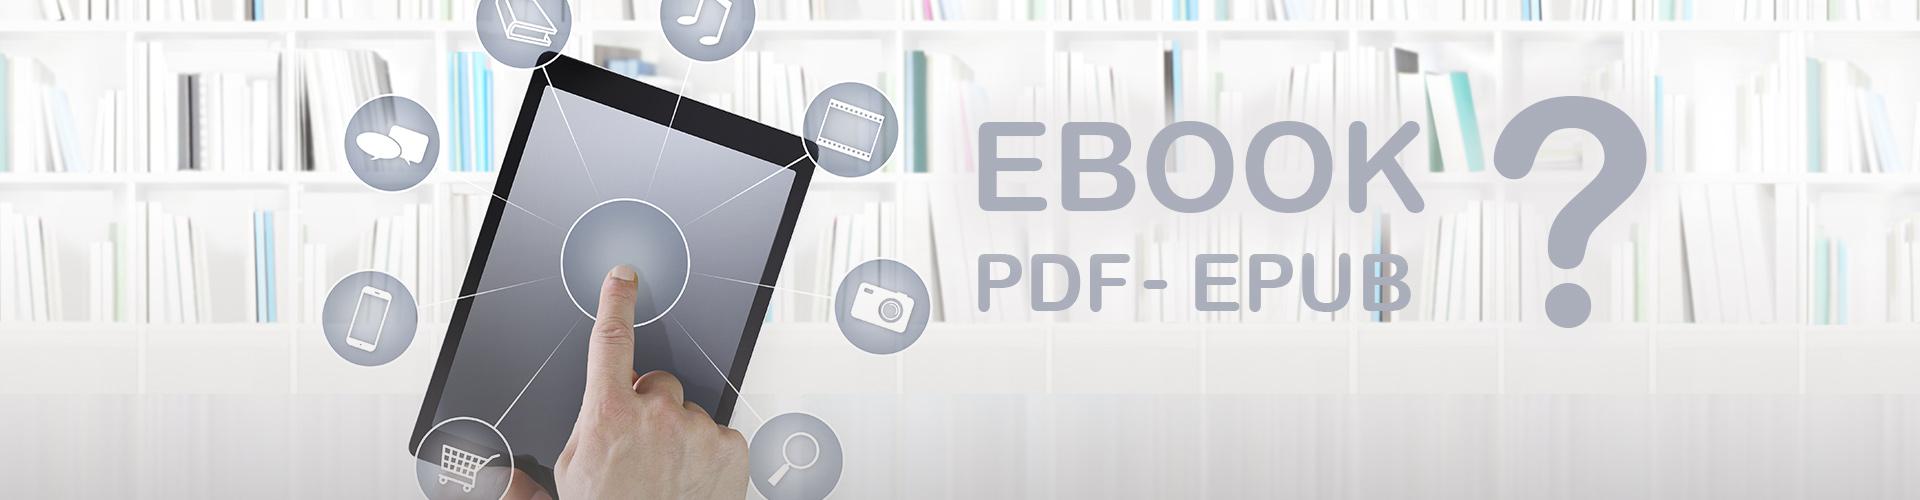 Téléchargement et Lecture de votre livre numérique (ebook)